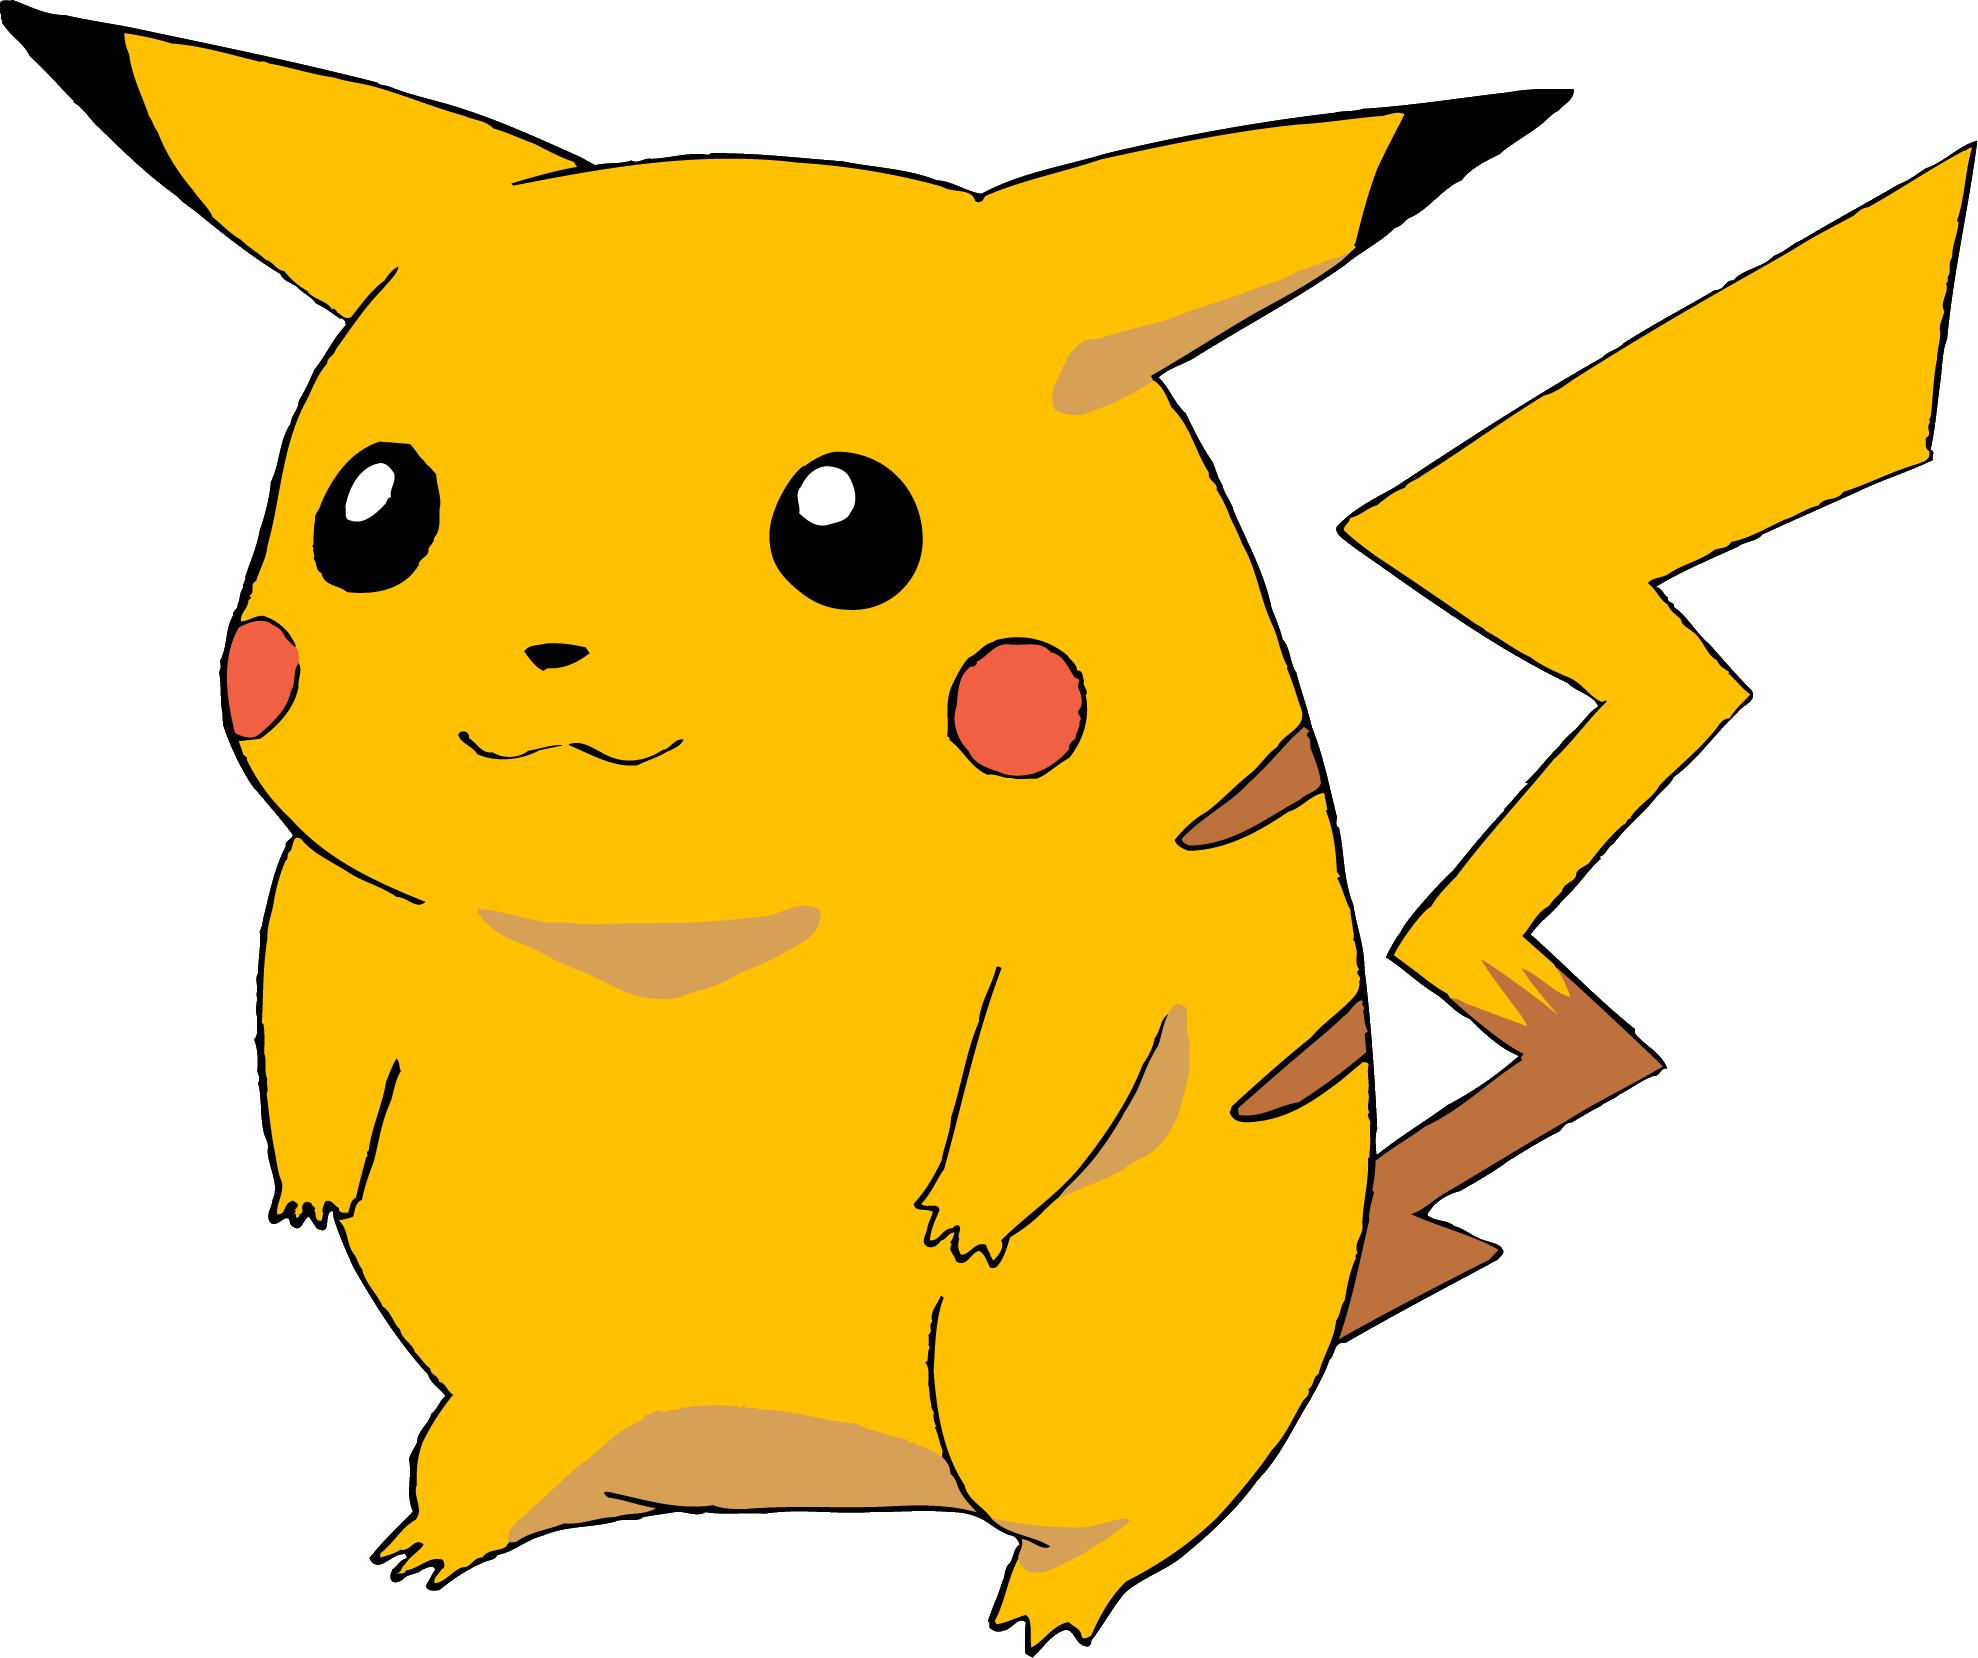 Quay ngược thời gian gặp lại Pikachu lần đầu ti\u0026#234;n trong \u201c ...